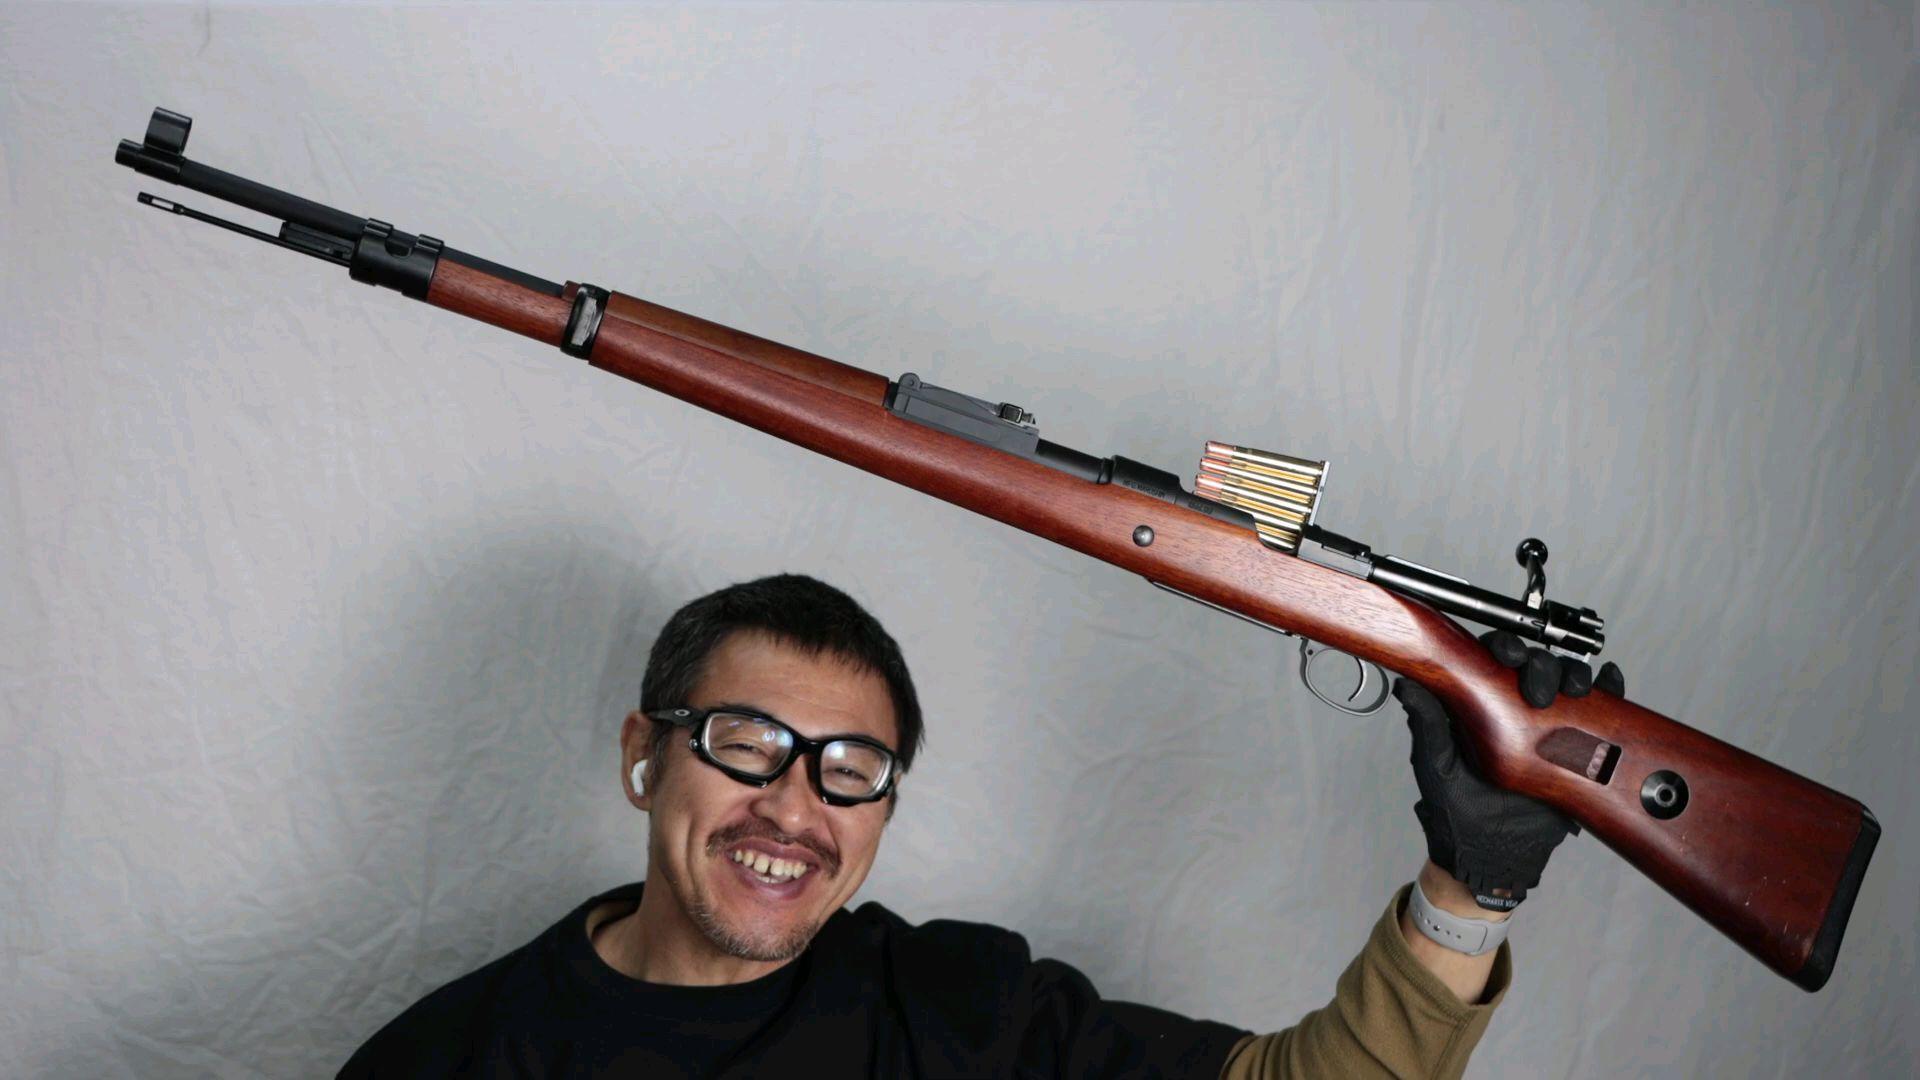 [日本壕界大叔]新年首测!Mauser 98K 胡桃木加强版测评